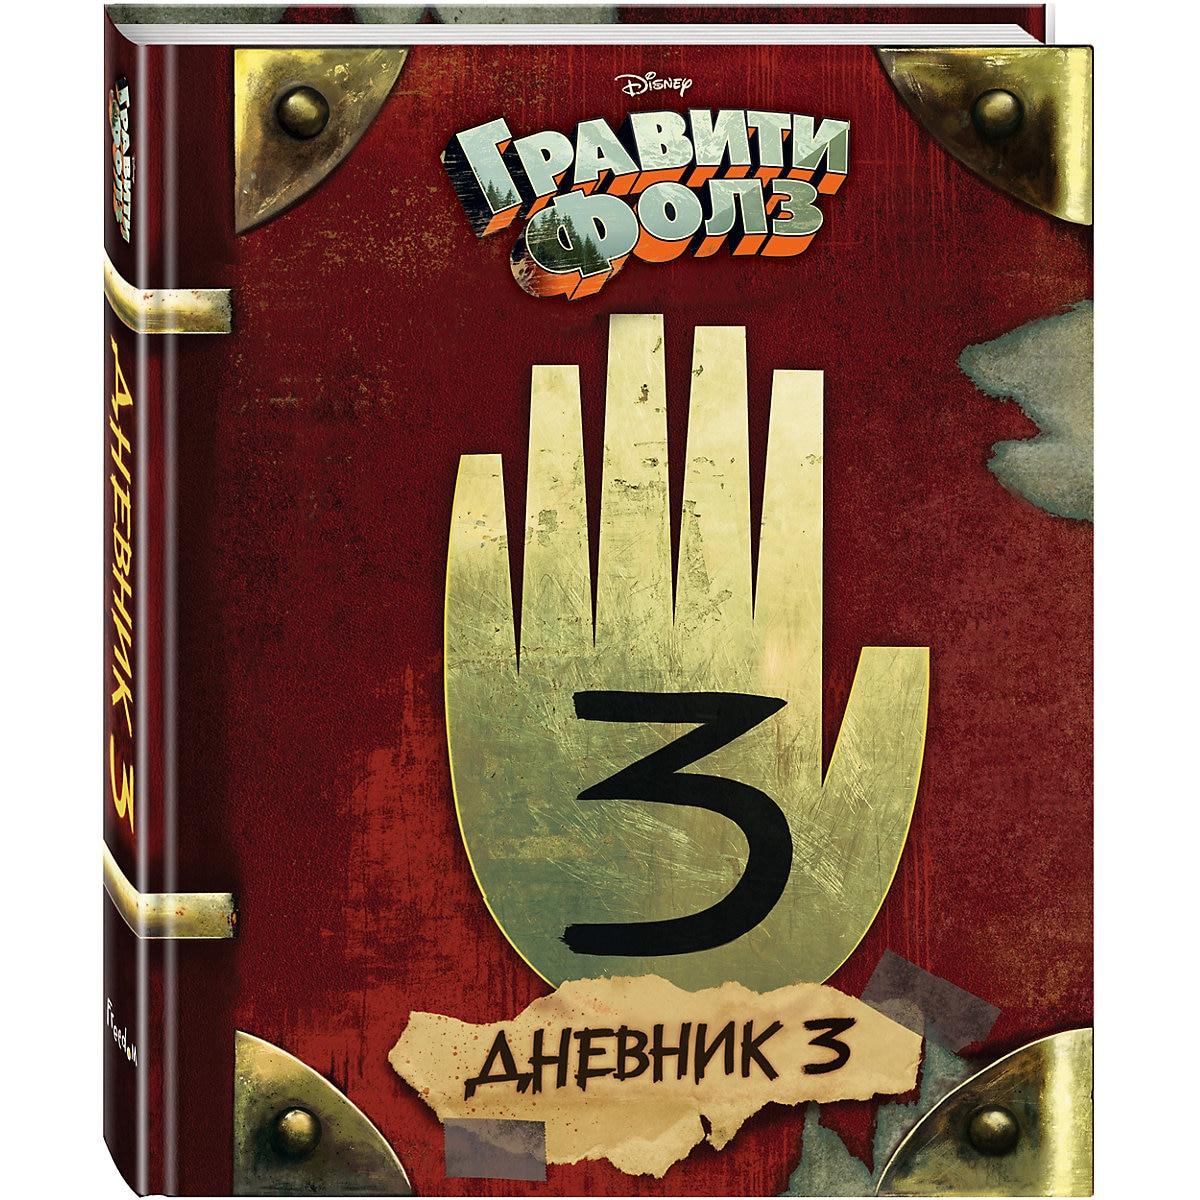 Libri EKSMO 6878161 bambini istruzione enciclopedia alfabeto dizionario libro per il bambino MTpromo